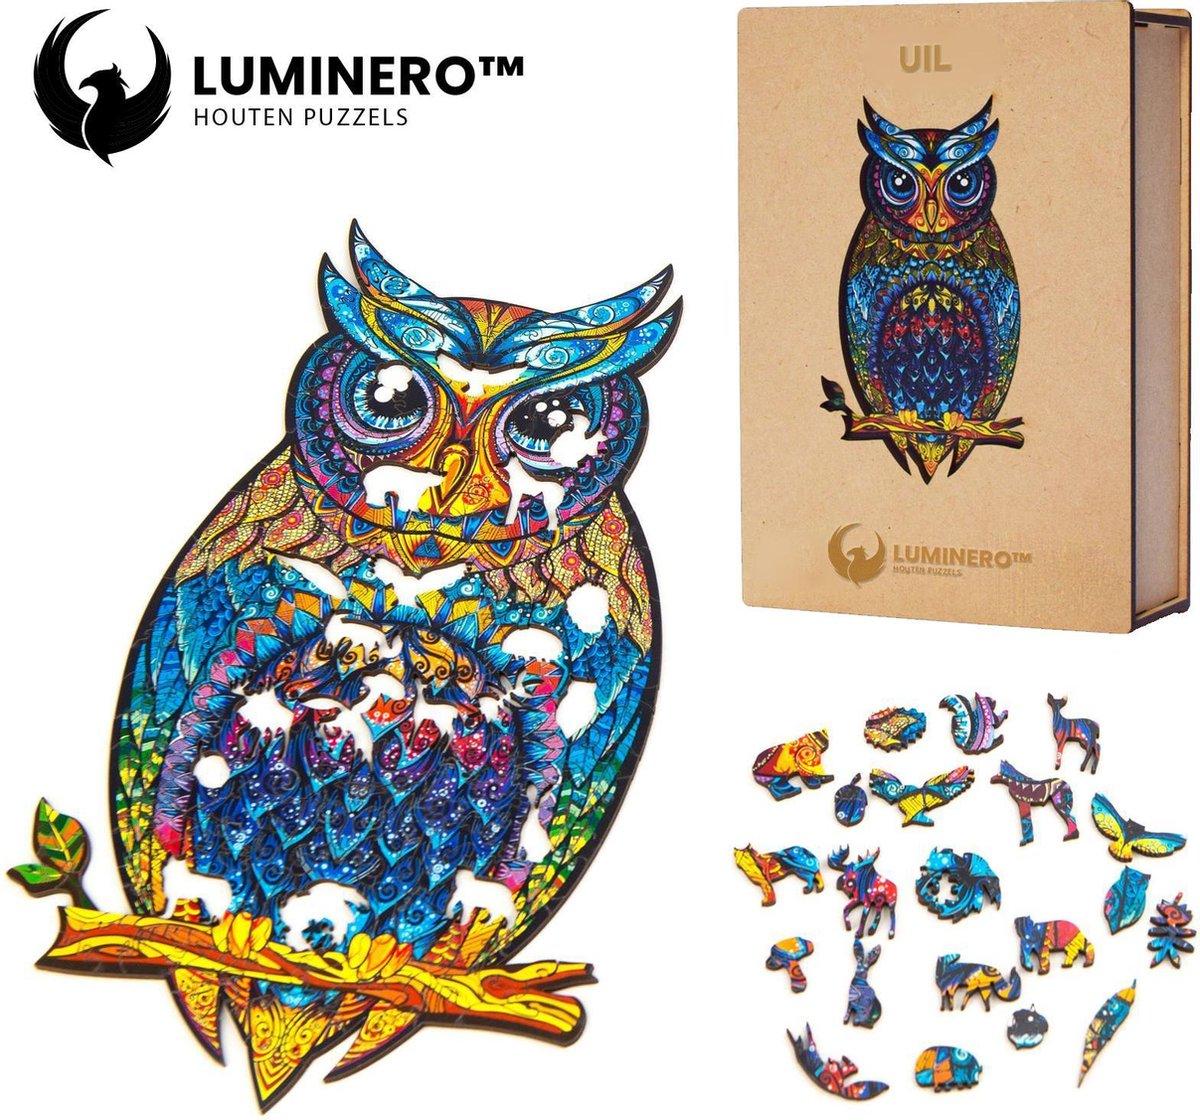 Luminero™ Houten Uil Jigsaw Puzzel - A4 Formaat Jigsaw - Unieke 3D Puzzels - Huisdecoratie - Wooden Puzzle - Volwassenen & Kinderen - Incl. Houten Doos